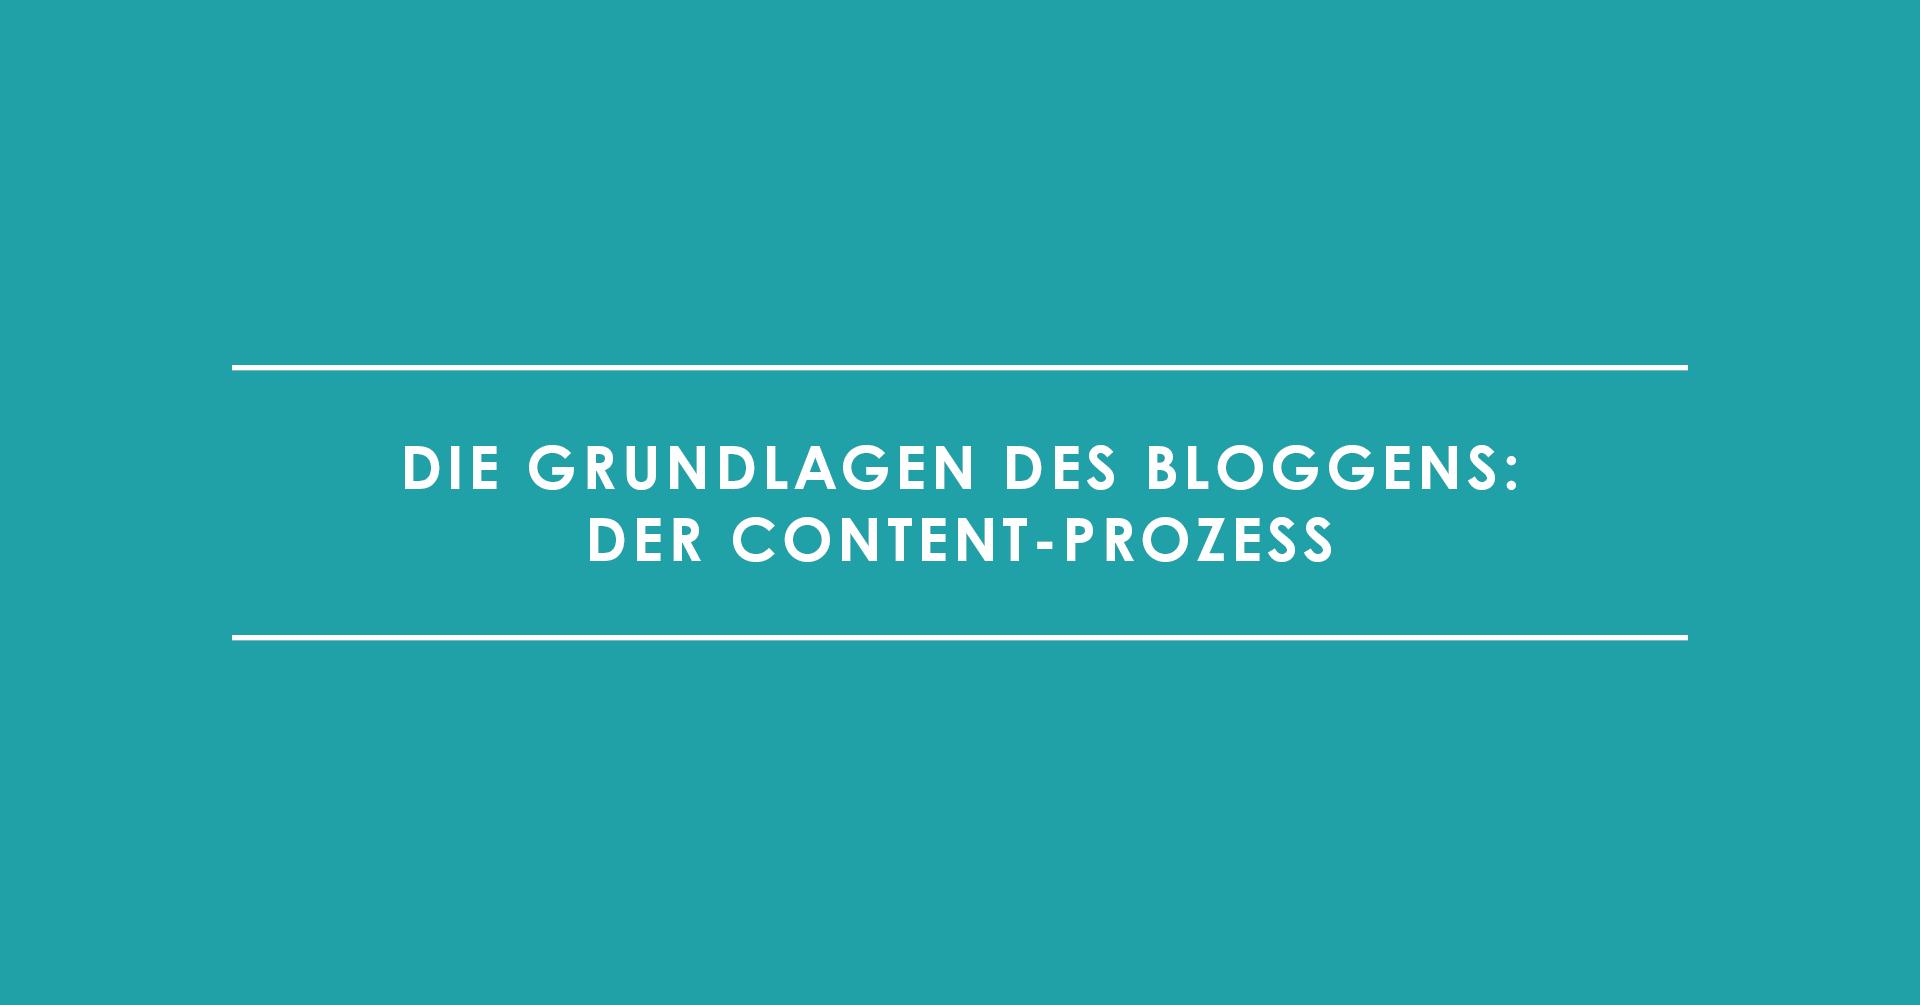 Die Grundlagen des Bloggens: Der Content-Prozess